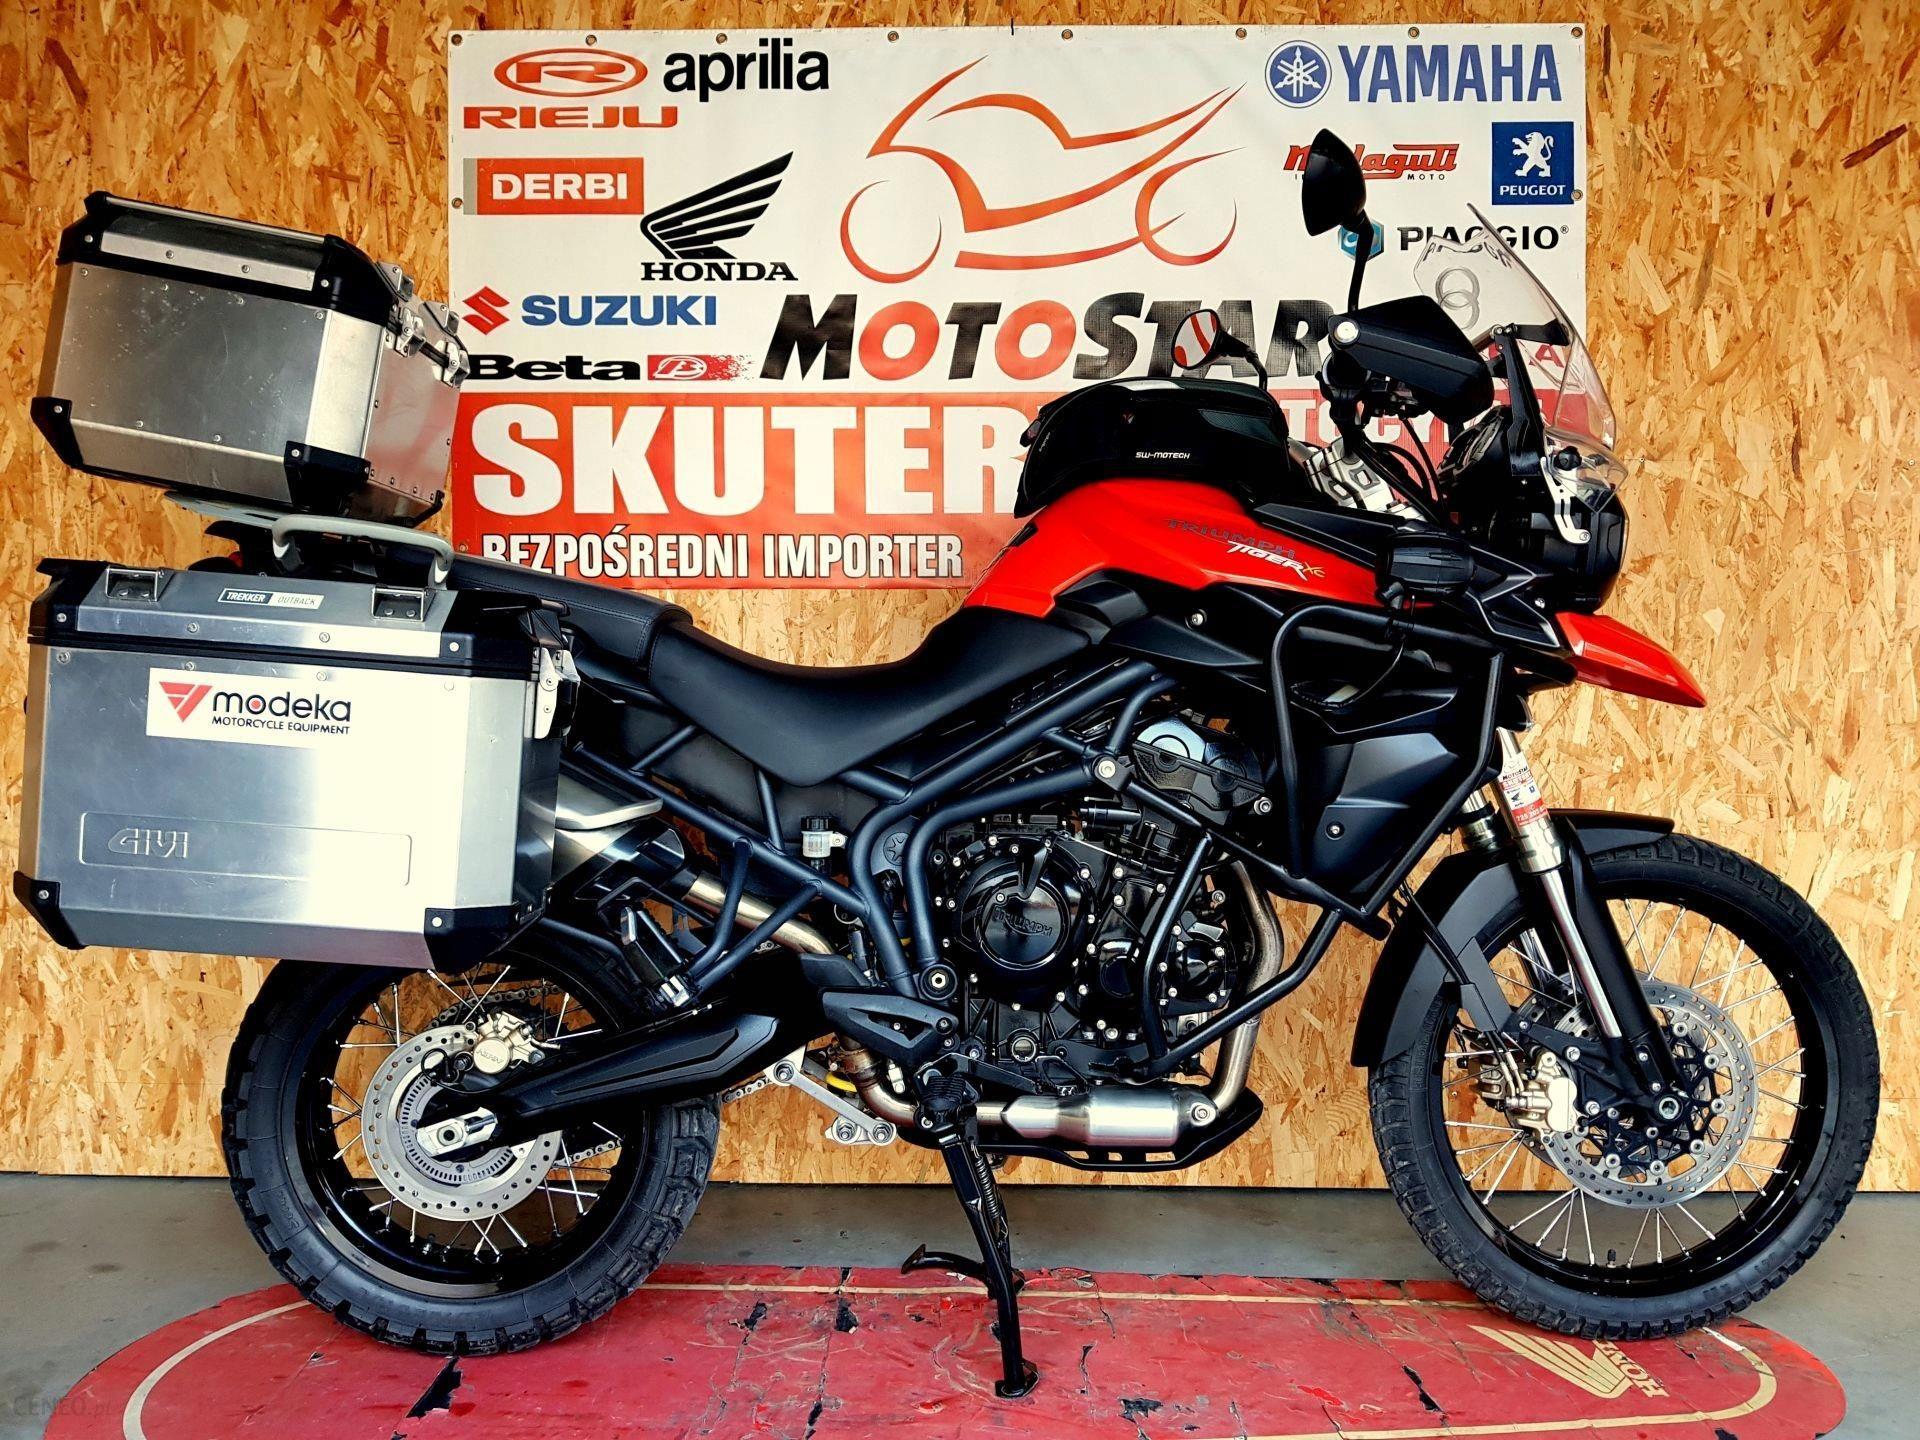 Triumph Tiger 800 Xc Abs 2012 Full Opcja Opinie I Ceny Na Ceneo Pl